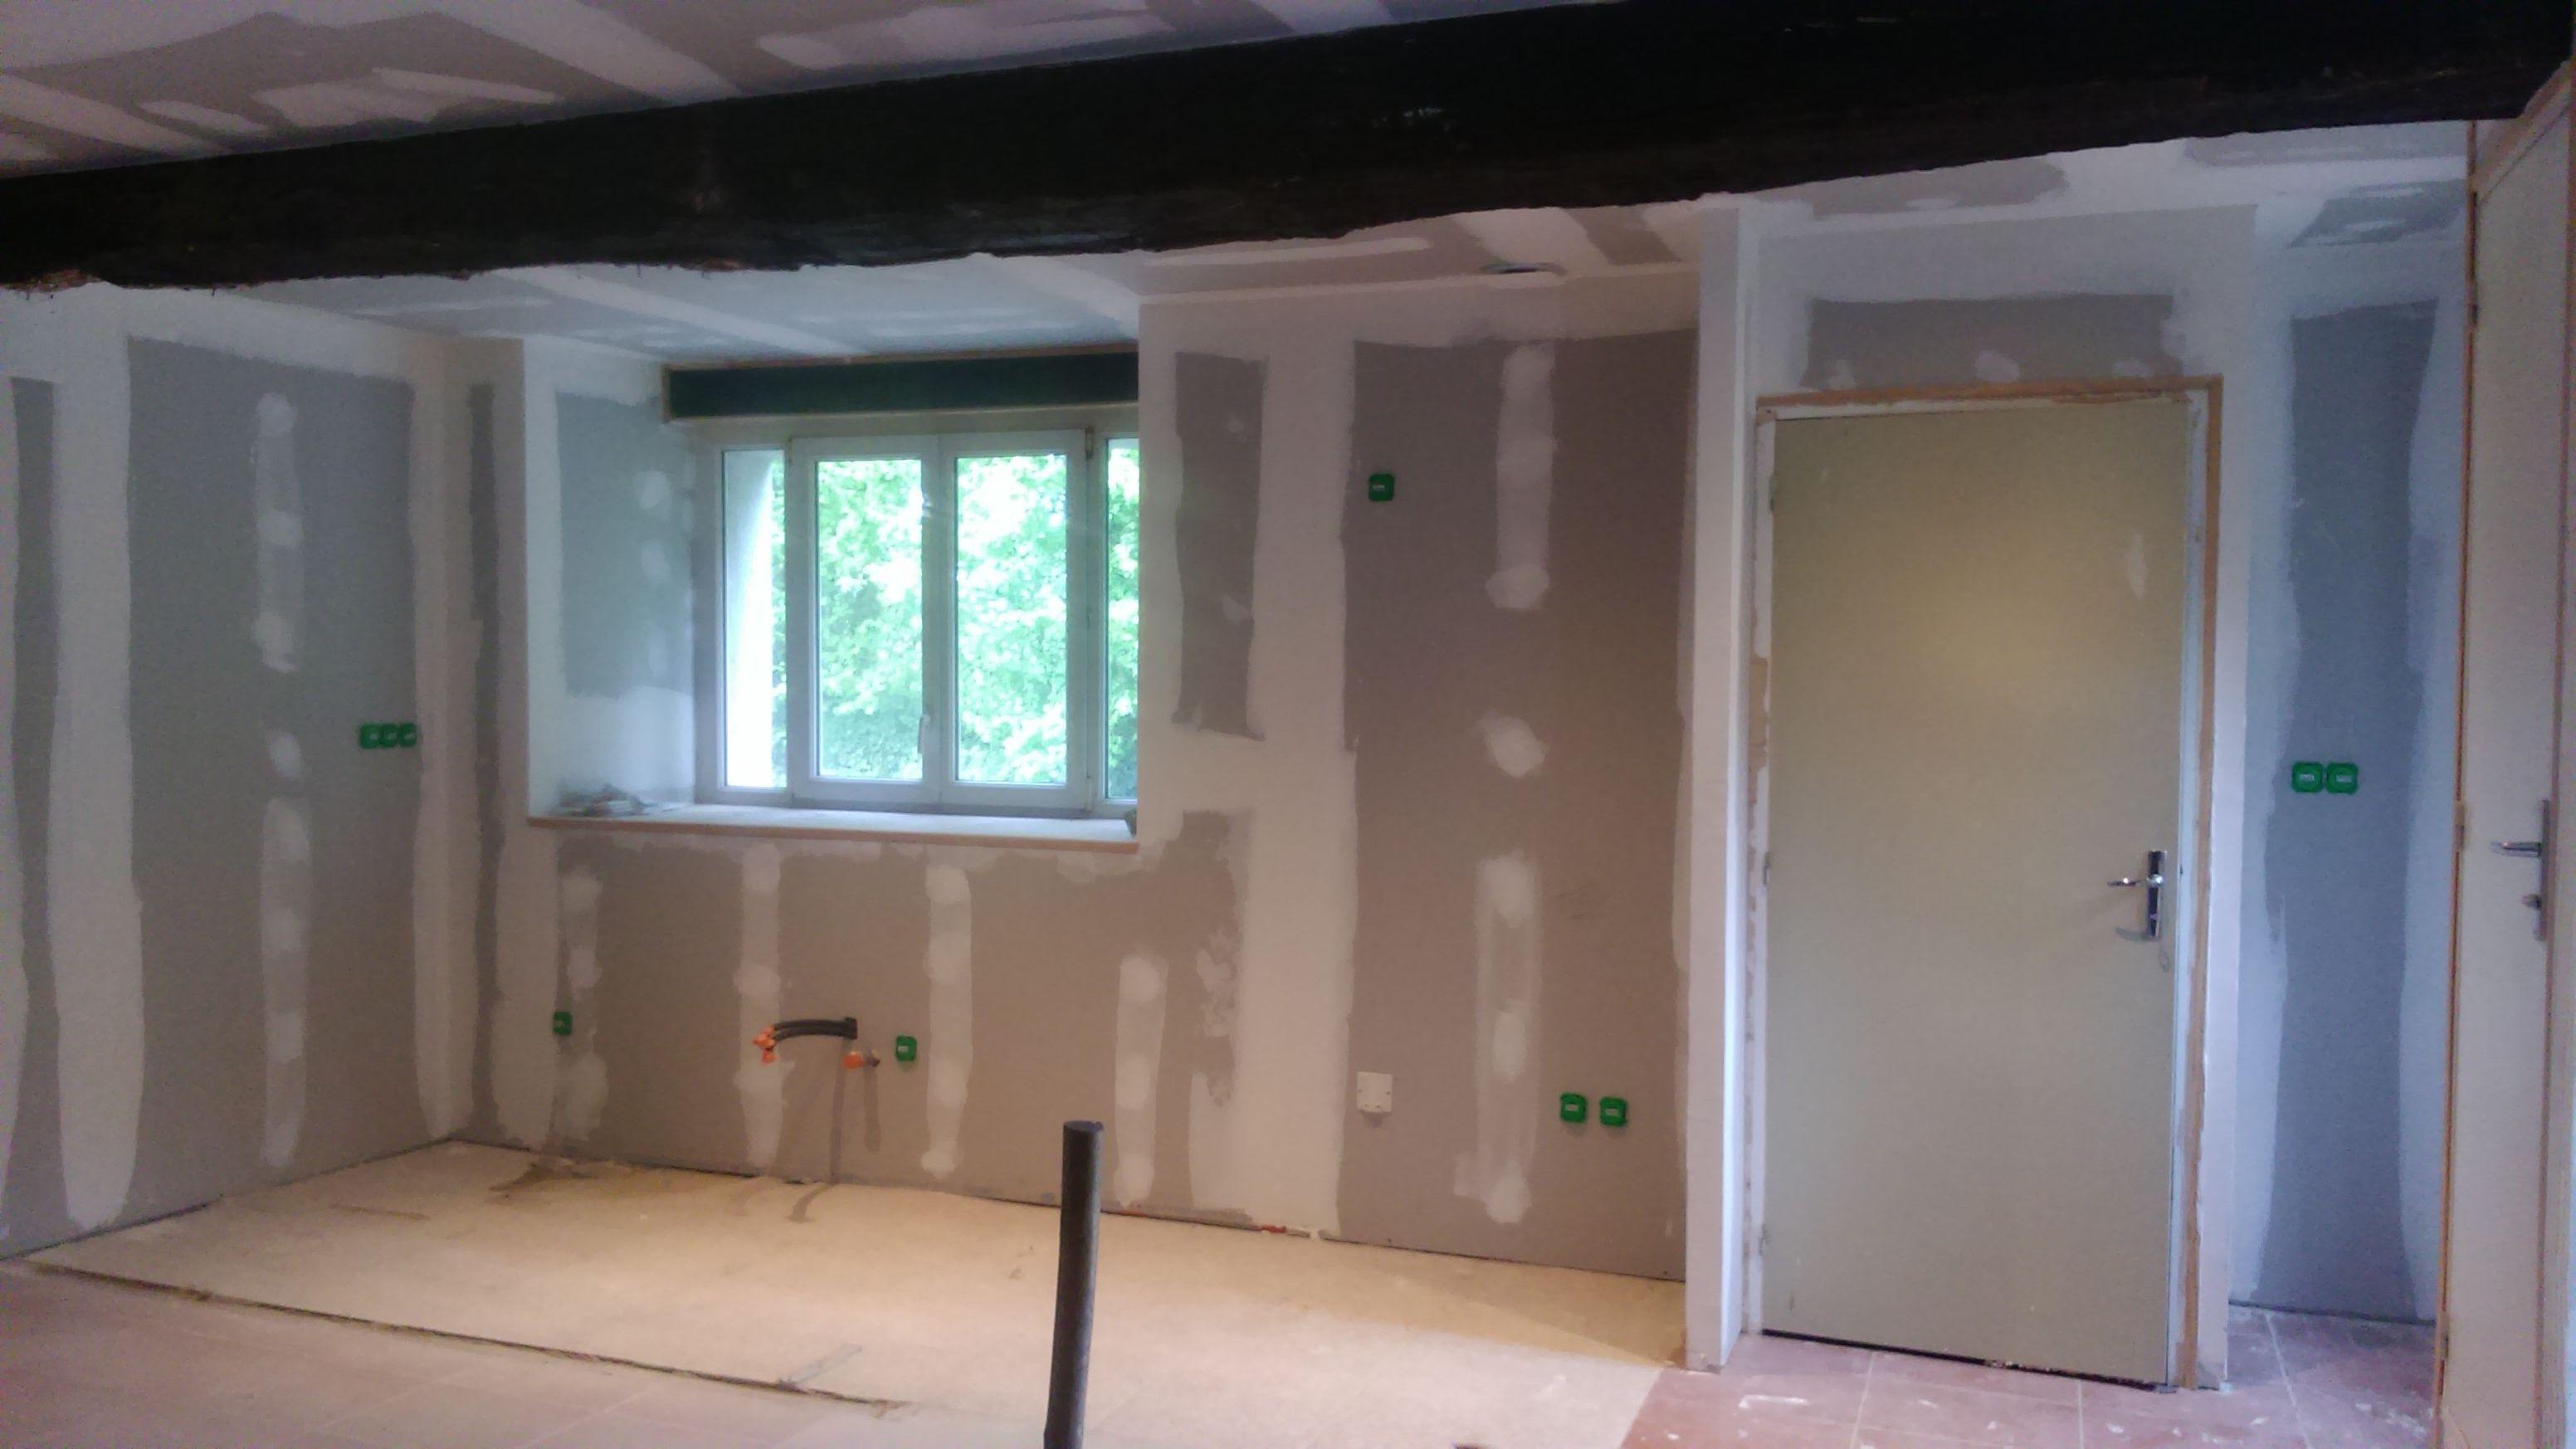 Rénovation d'une maison de campagne avec un style bohème et spacieux (during)